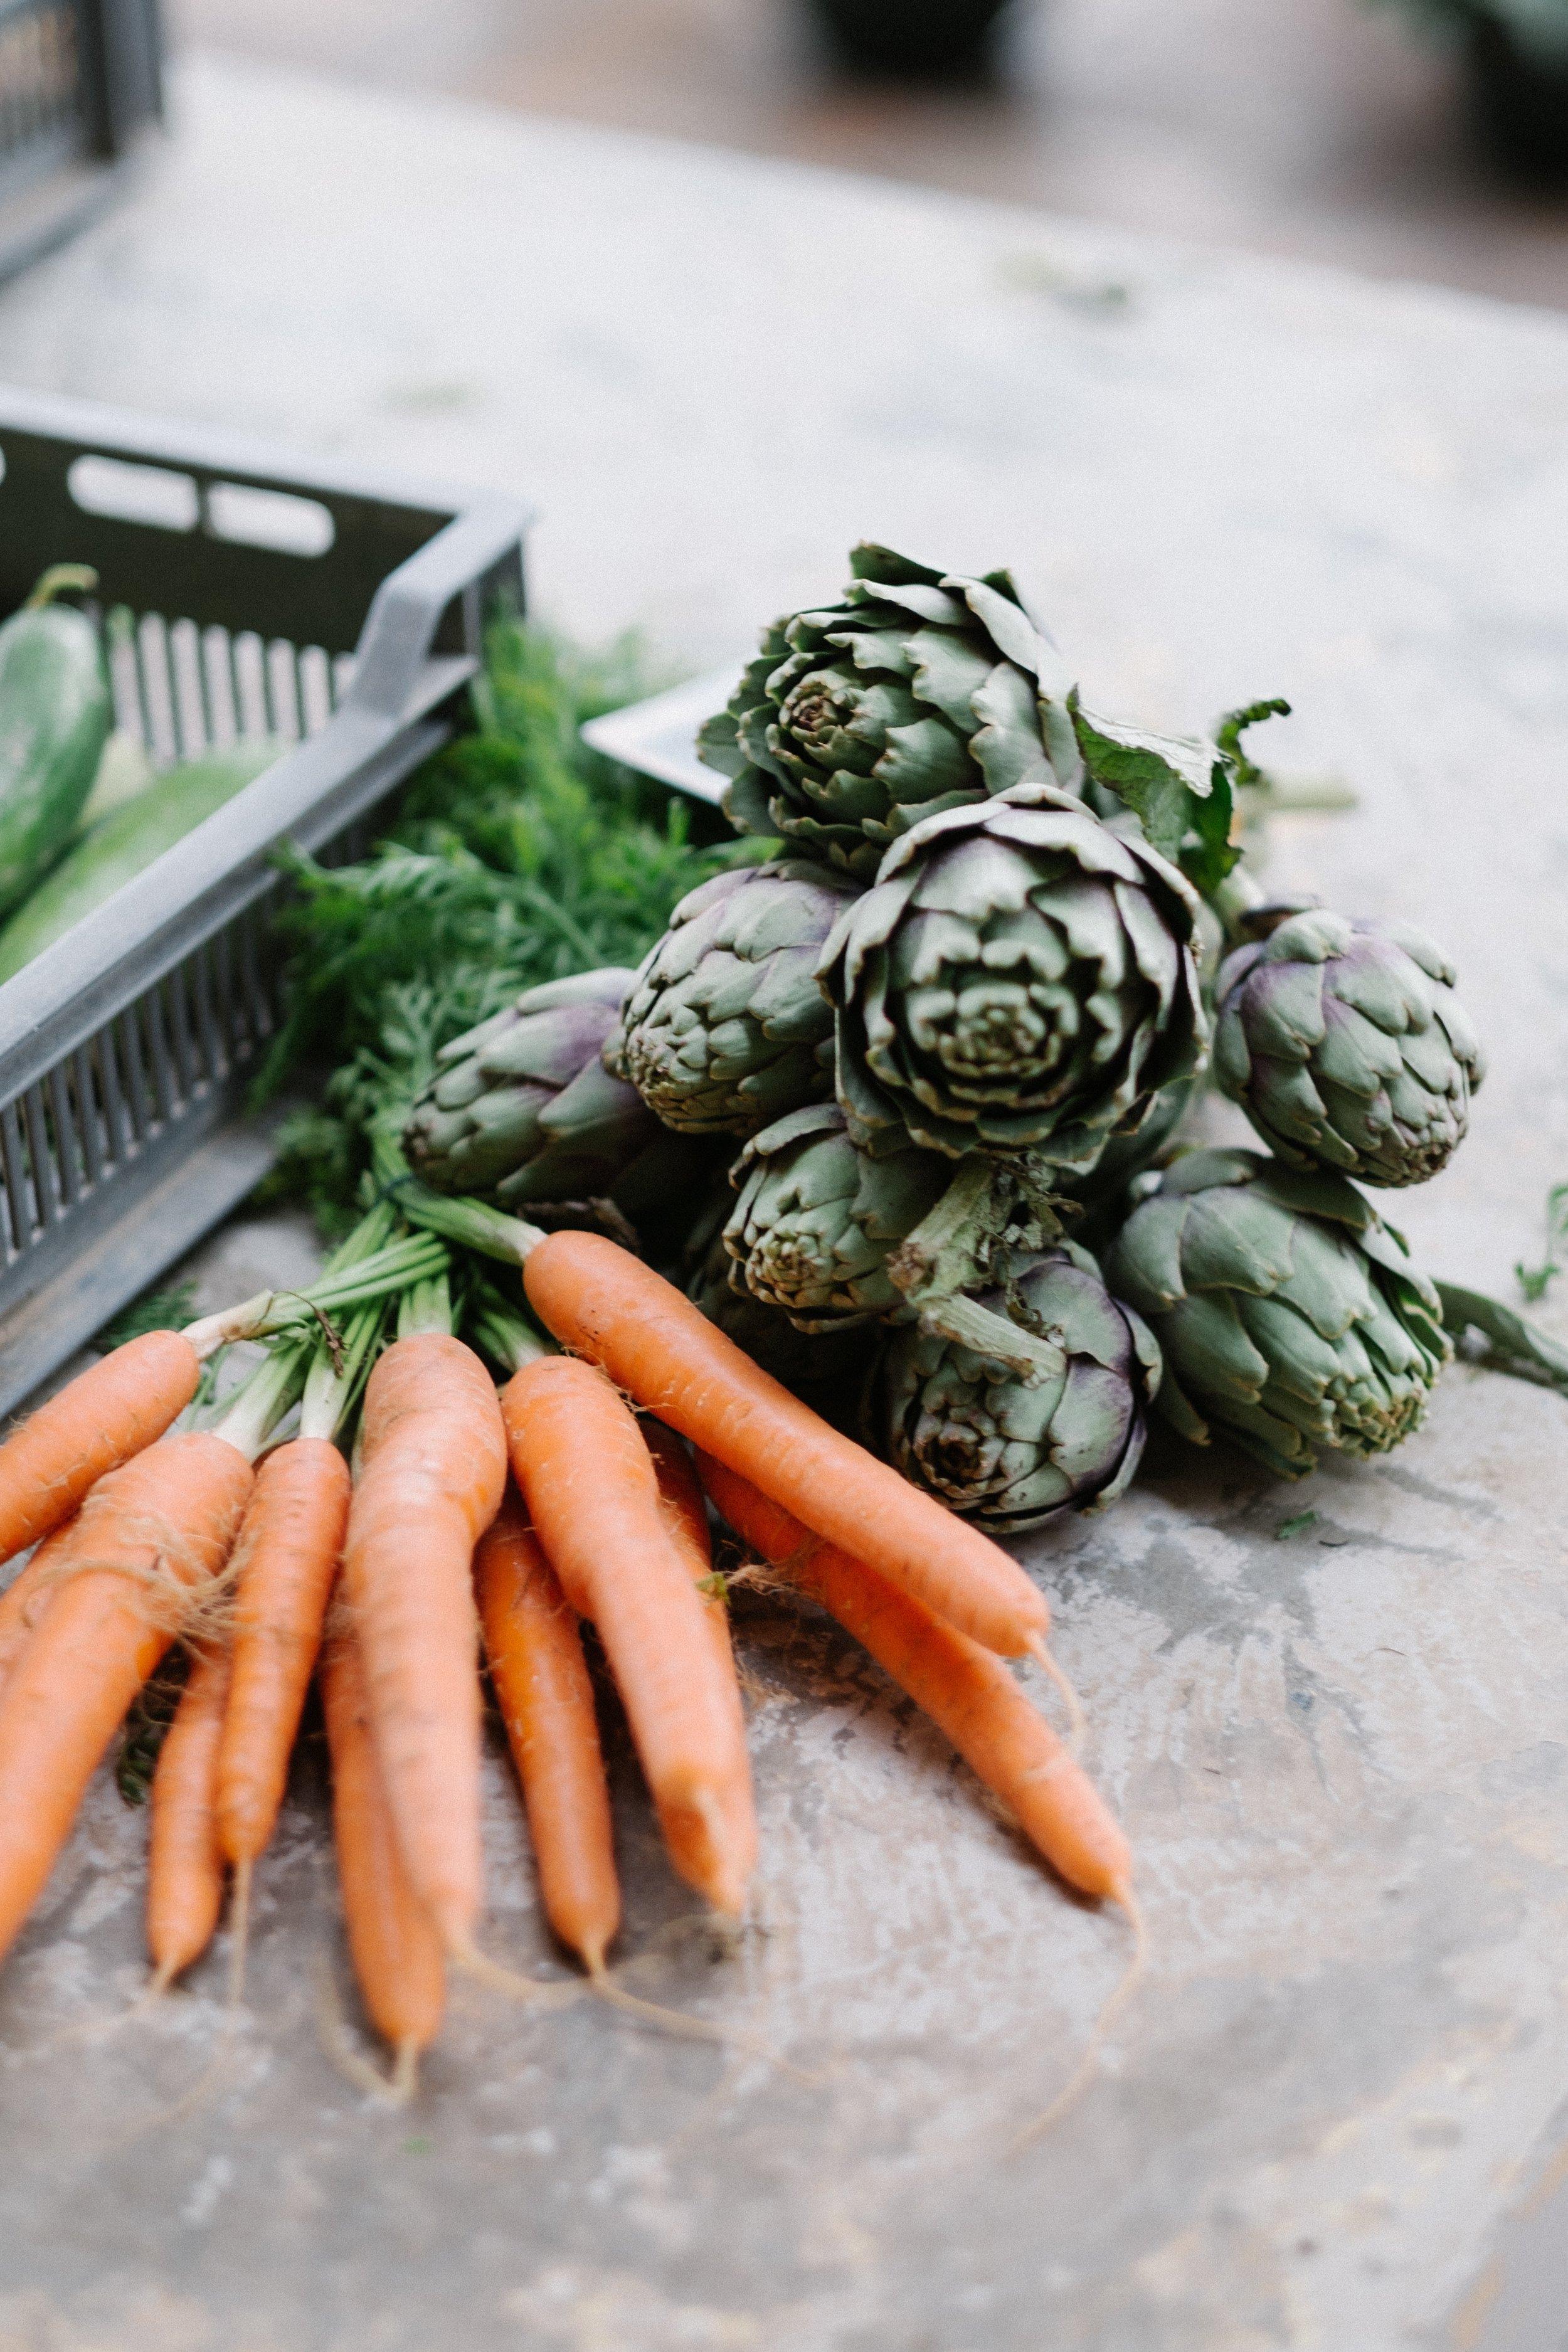 Four farmers market essentials from www.goingzerowaste.com #farmersmarket #zerowaste #groceries